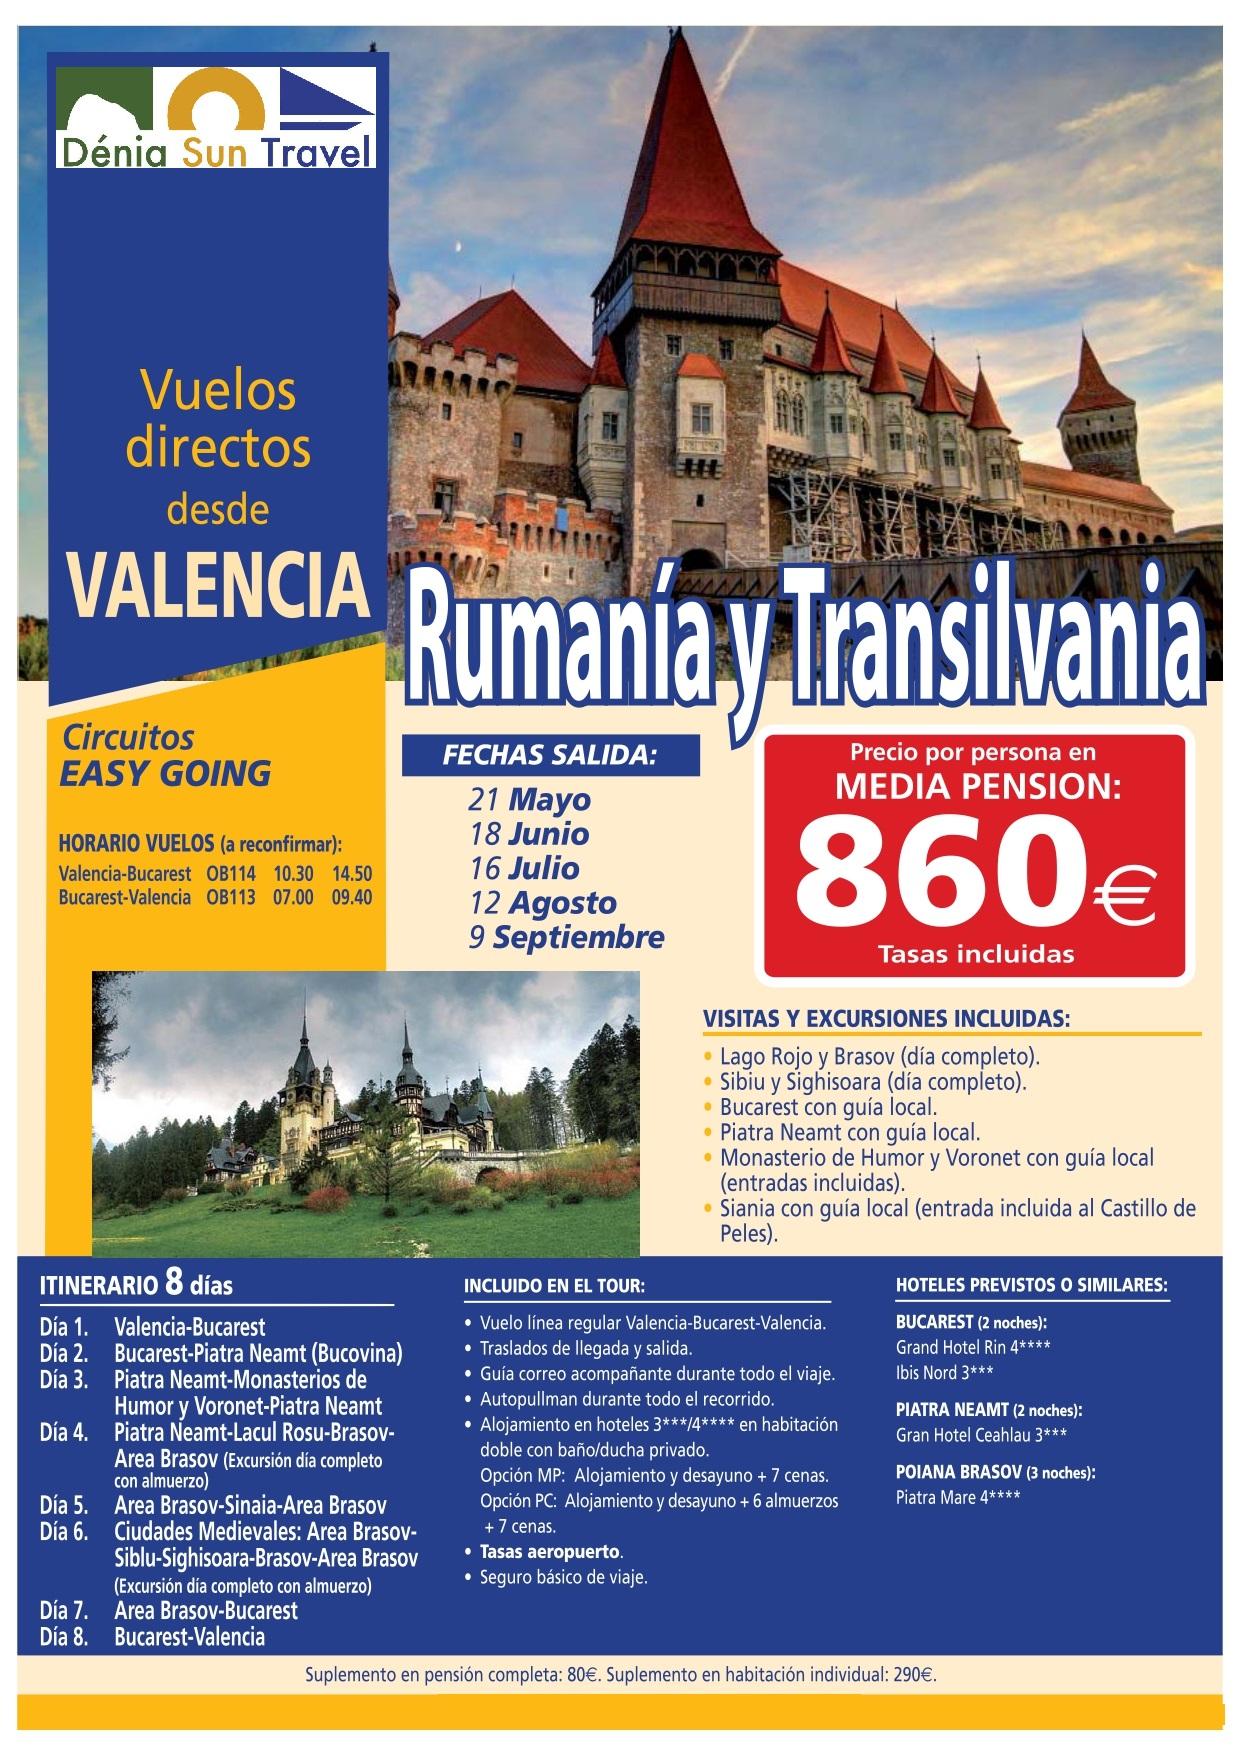 RUMANIA Y TRANSILVANIA_